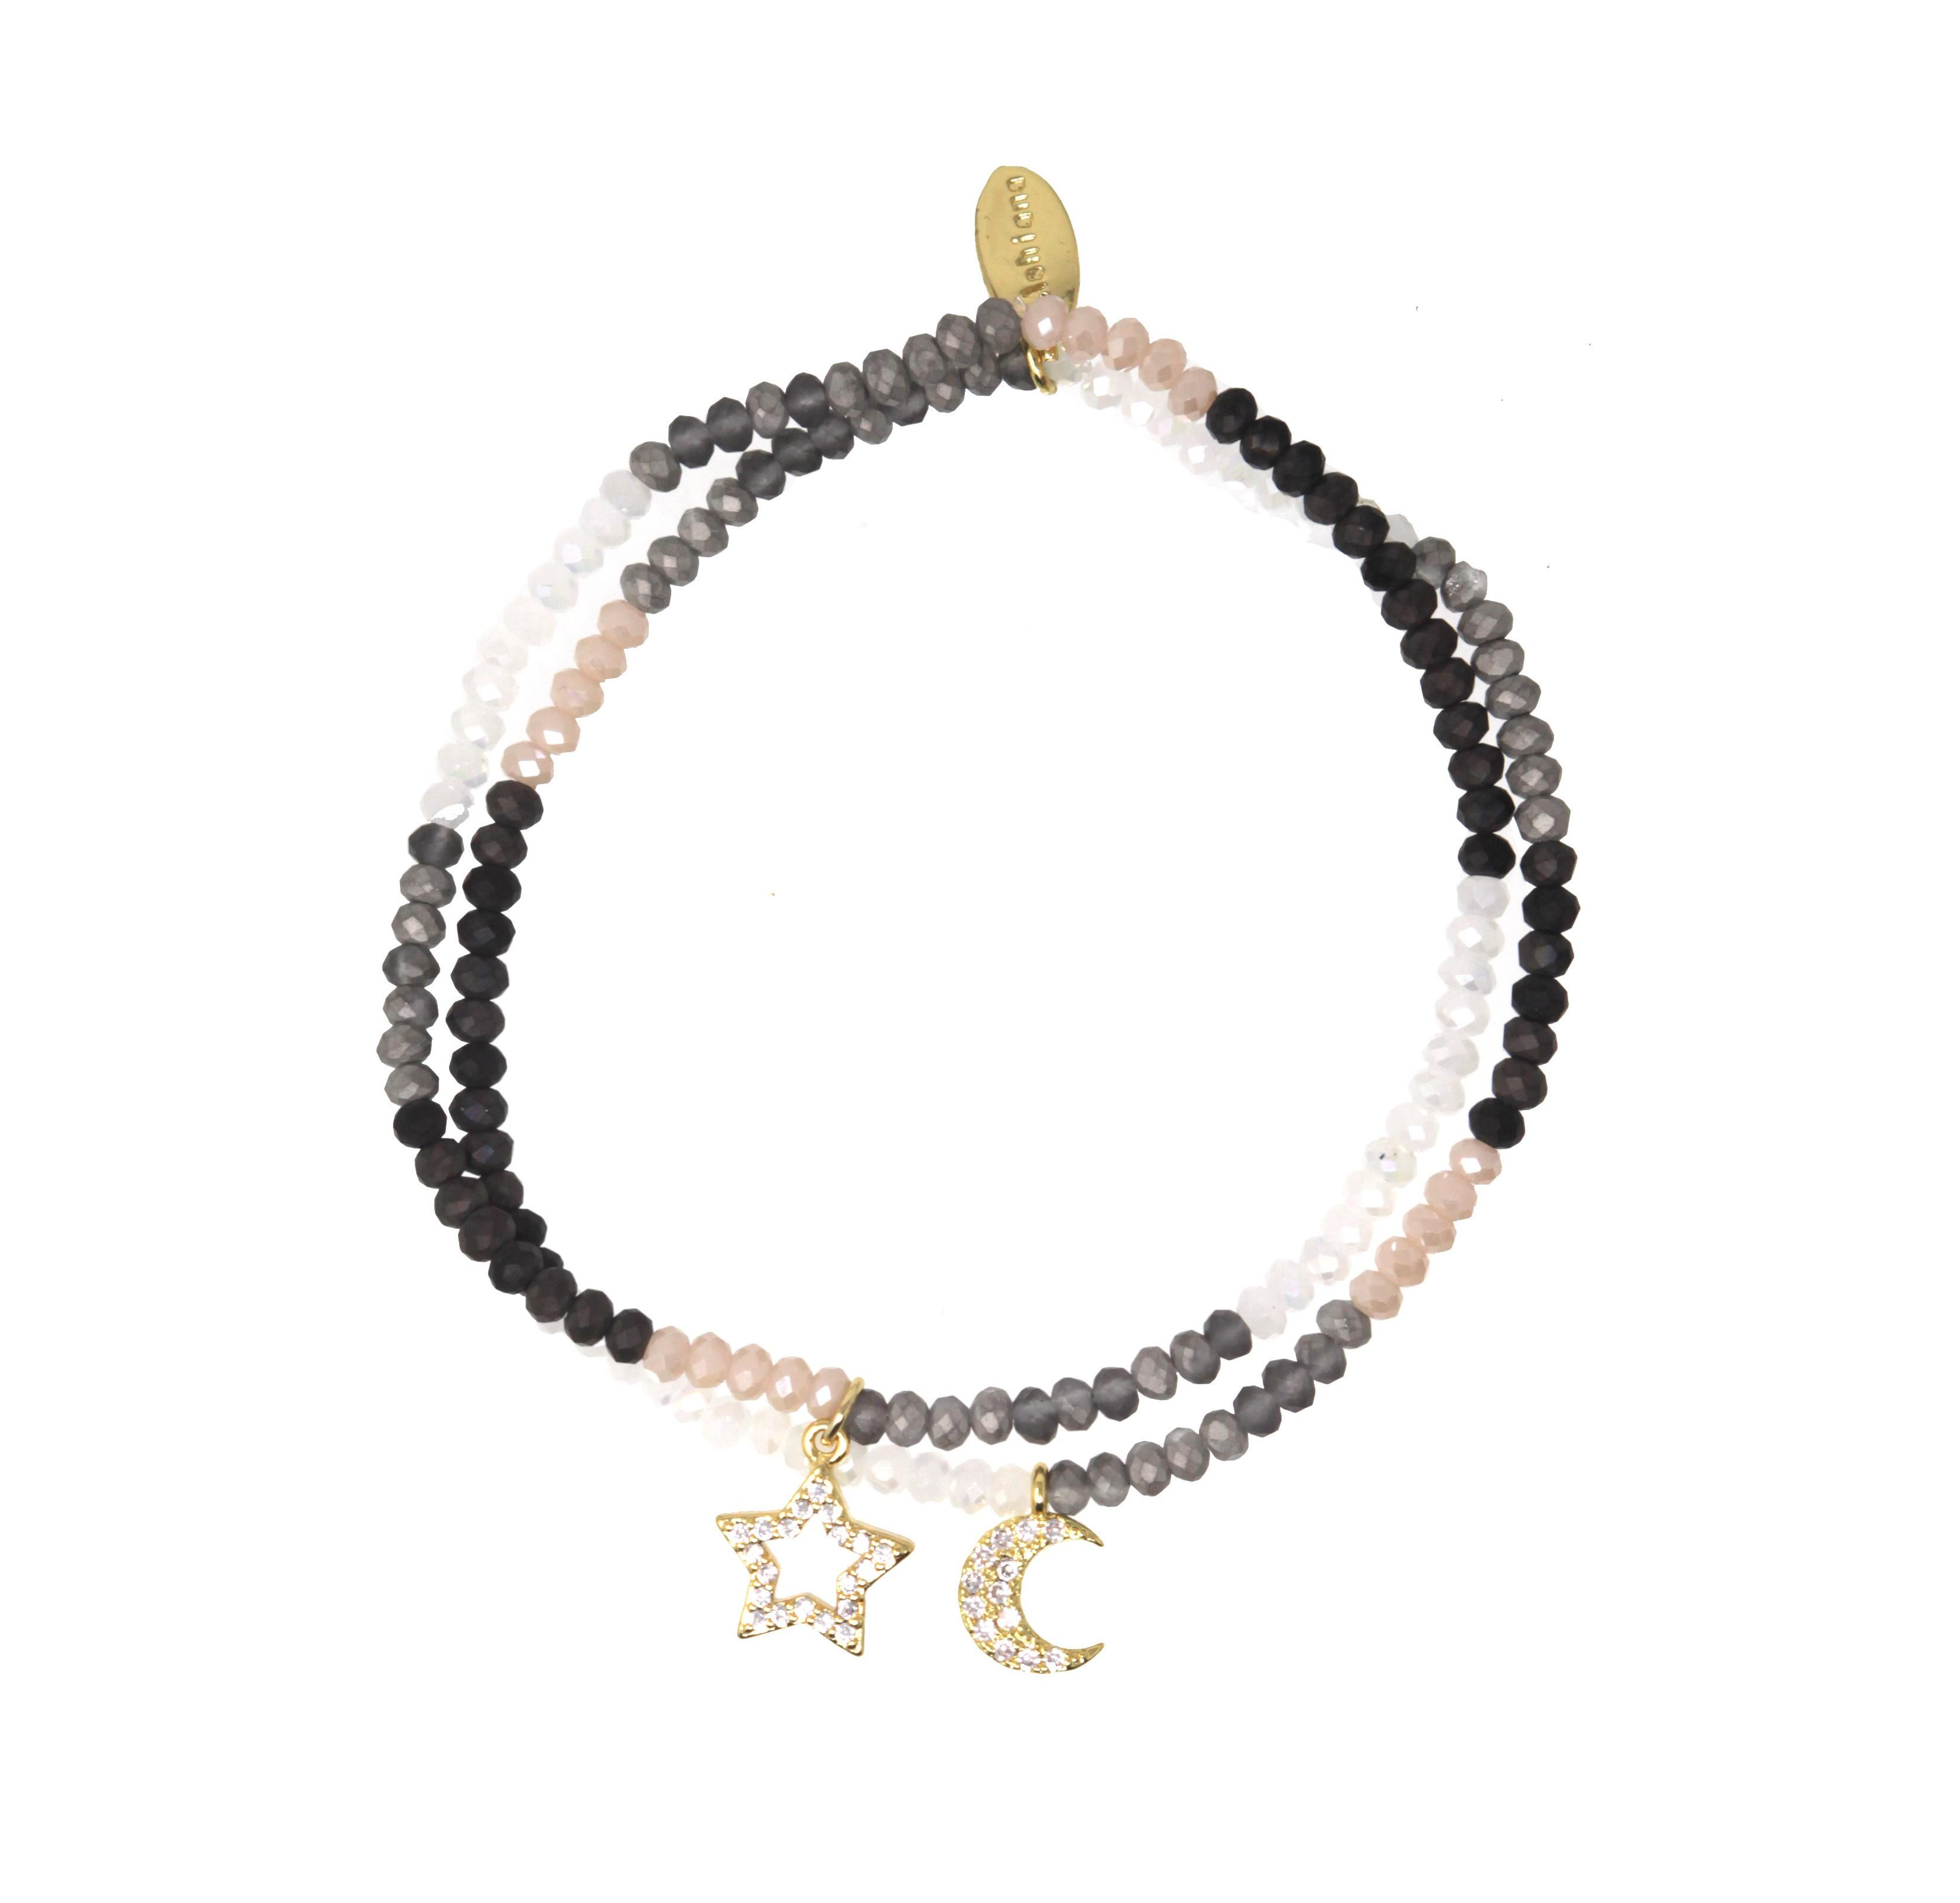 9b78f1e0e548c Star and Moon Charm Bracelet by Ashiana London